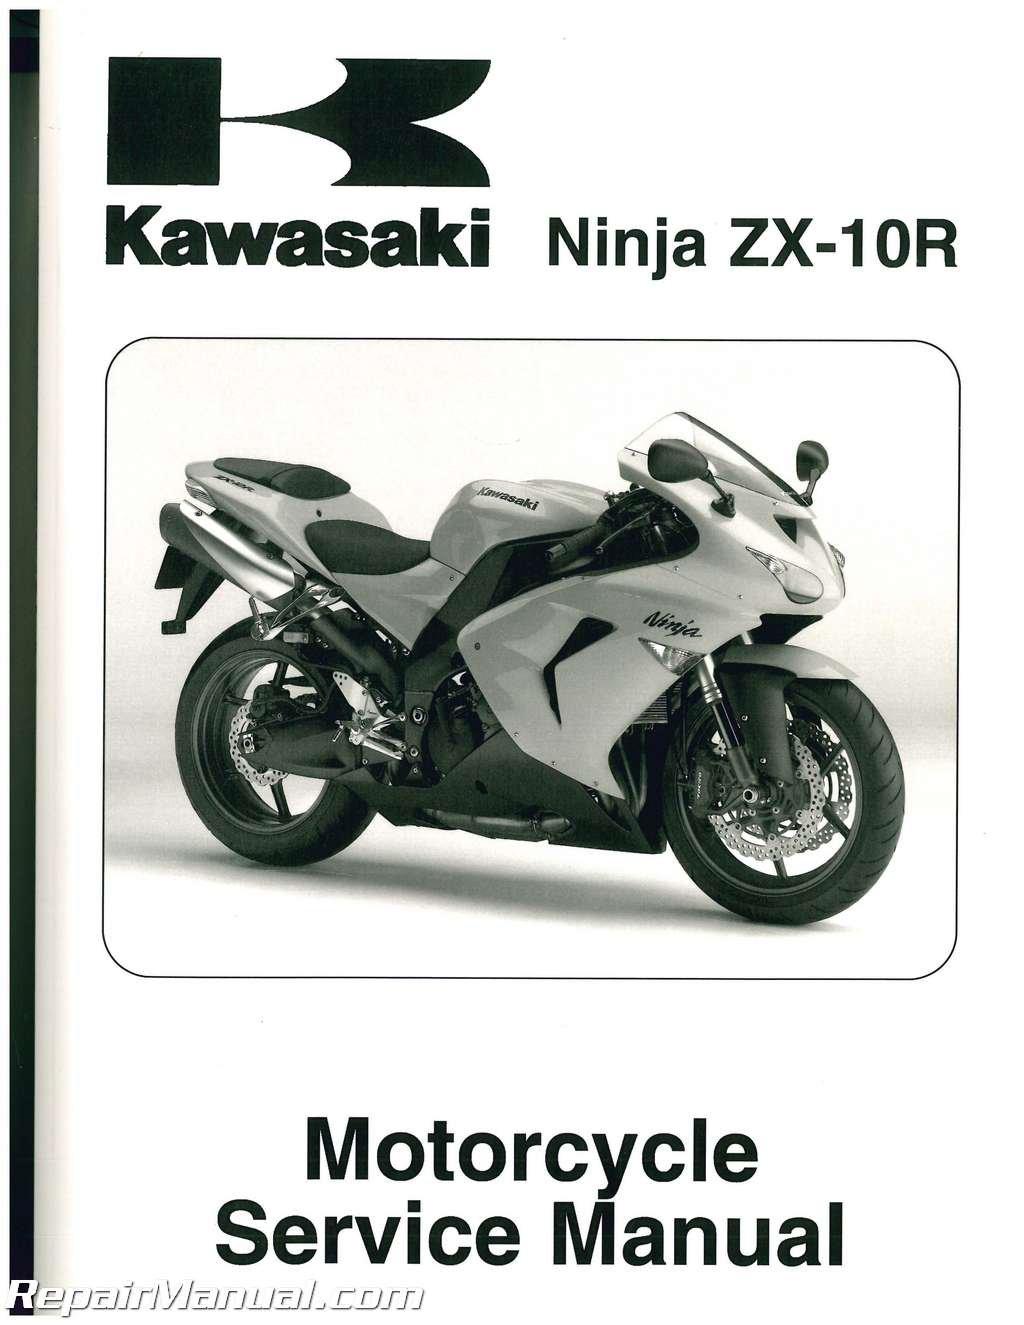 99924-1365-03 2006-2007 Kawasaki NINJA ZX-10R Service Manual ...